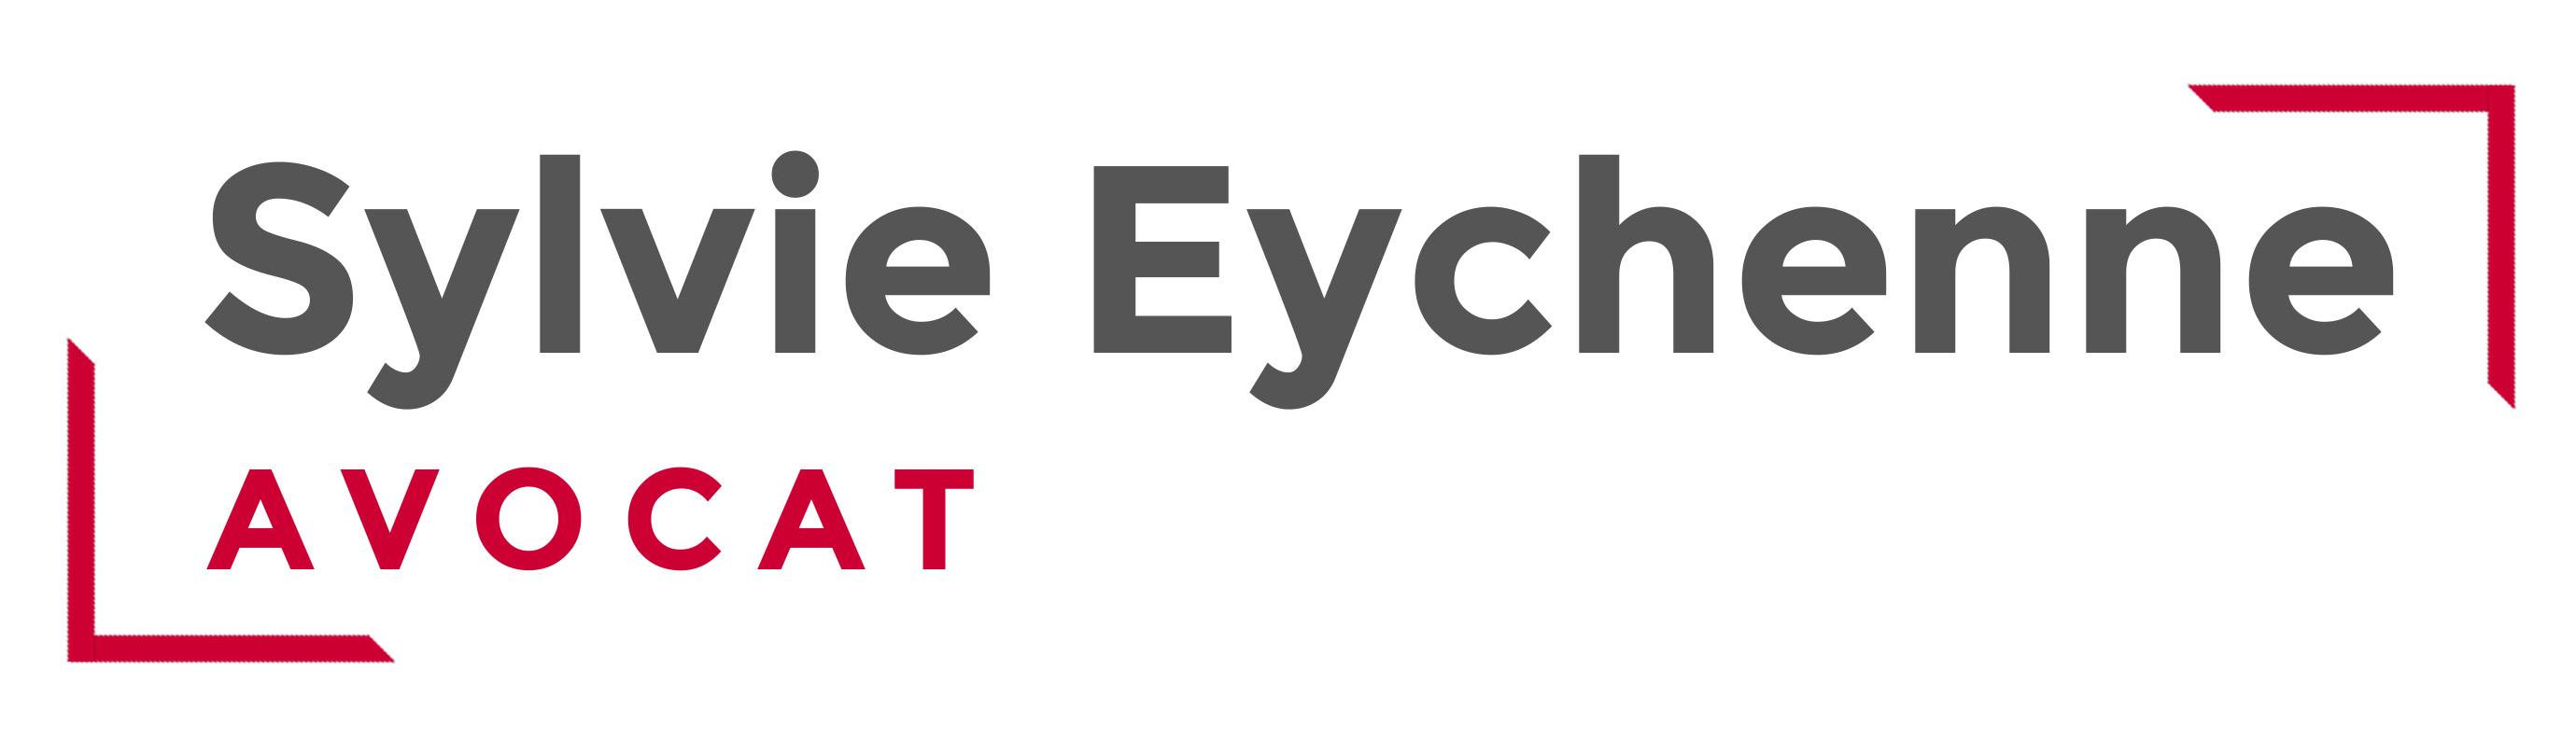 Sylvie Eychenne Avocate